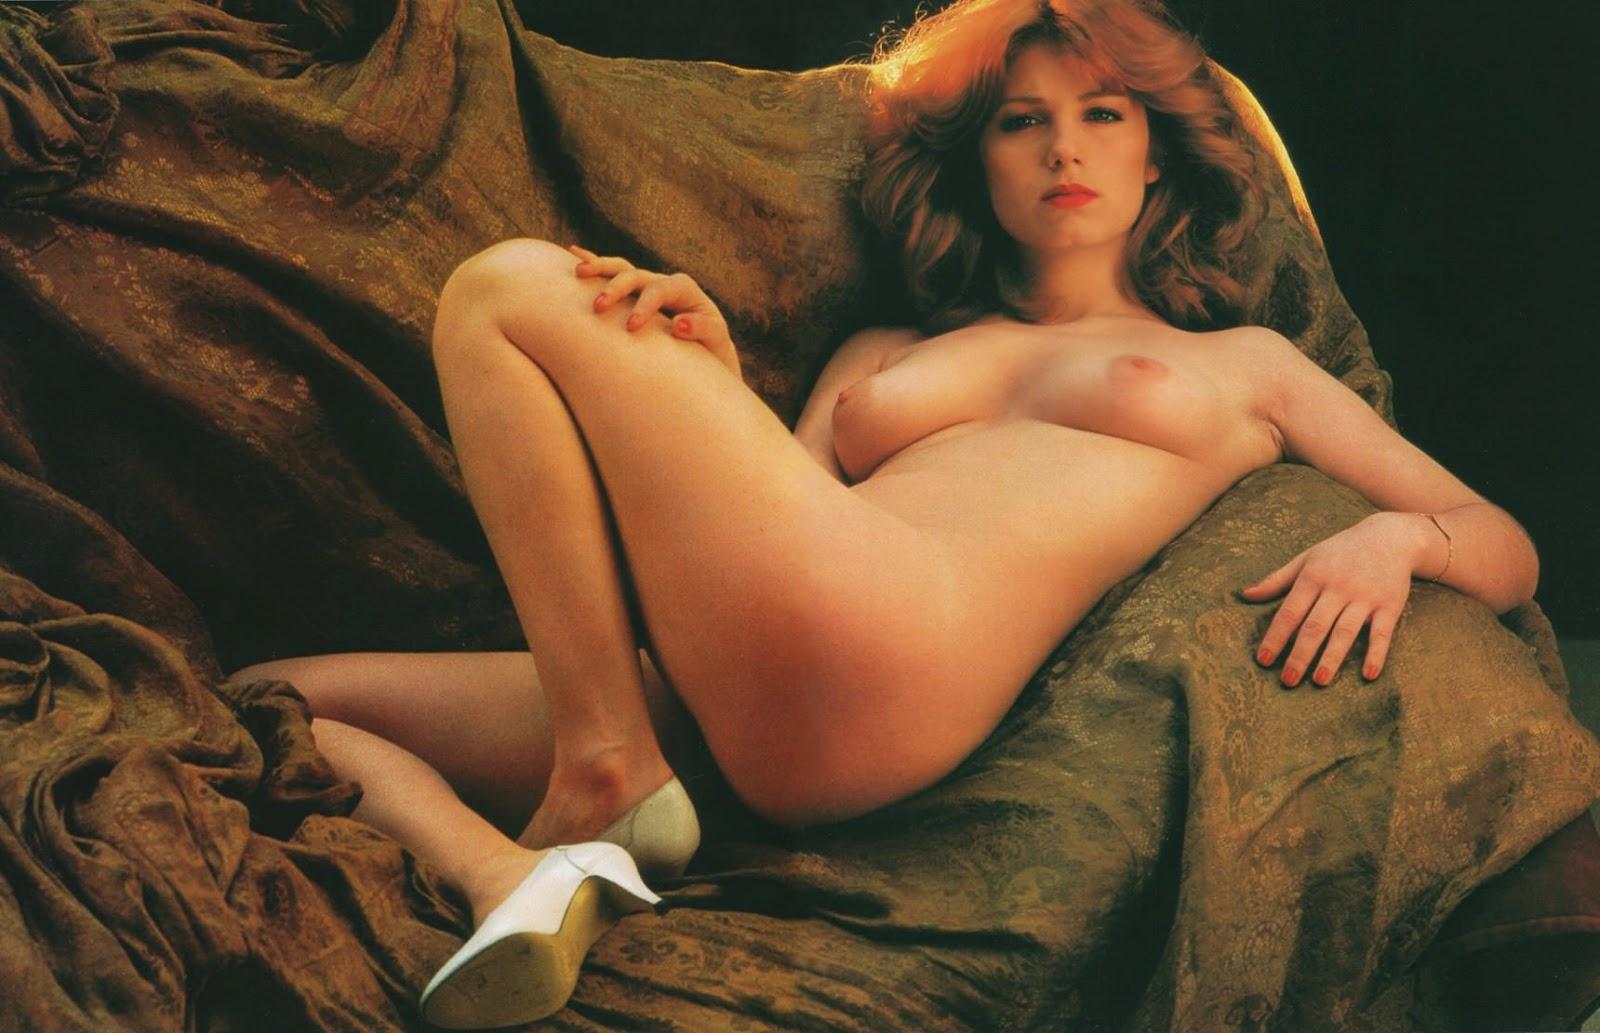 Veronique genest nude